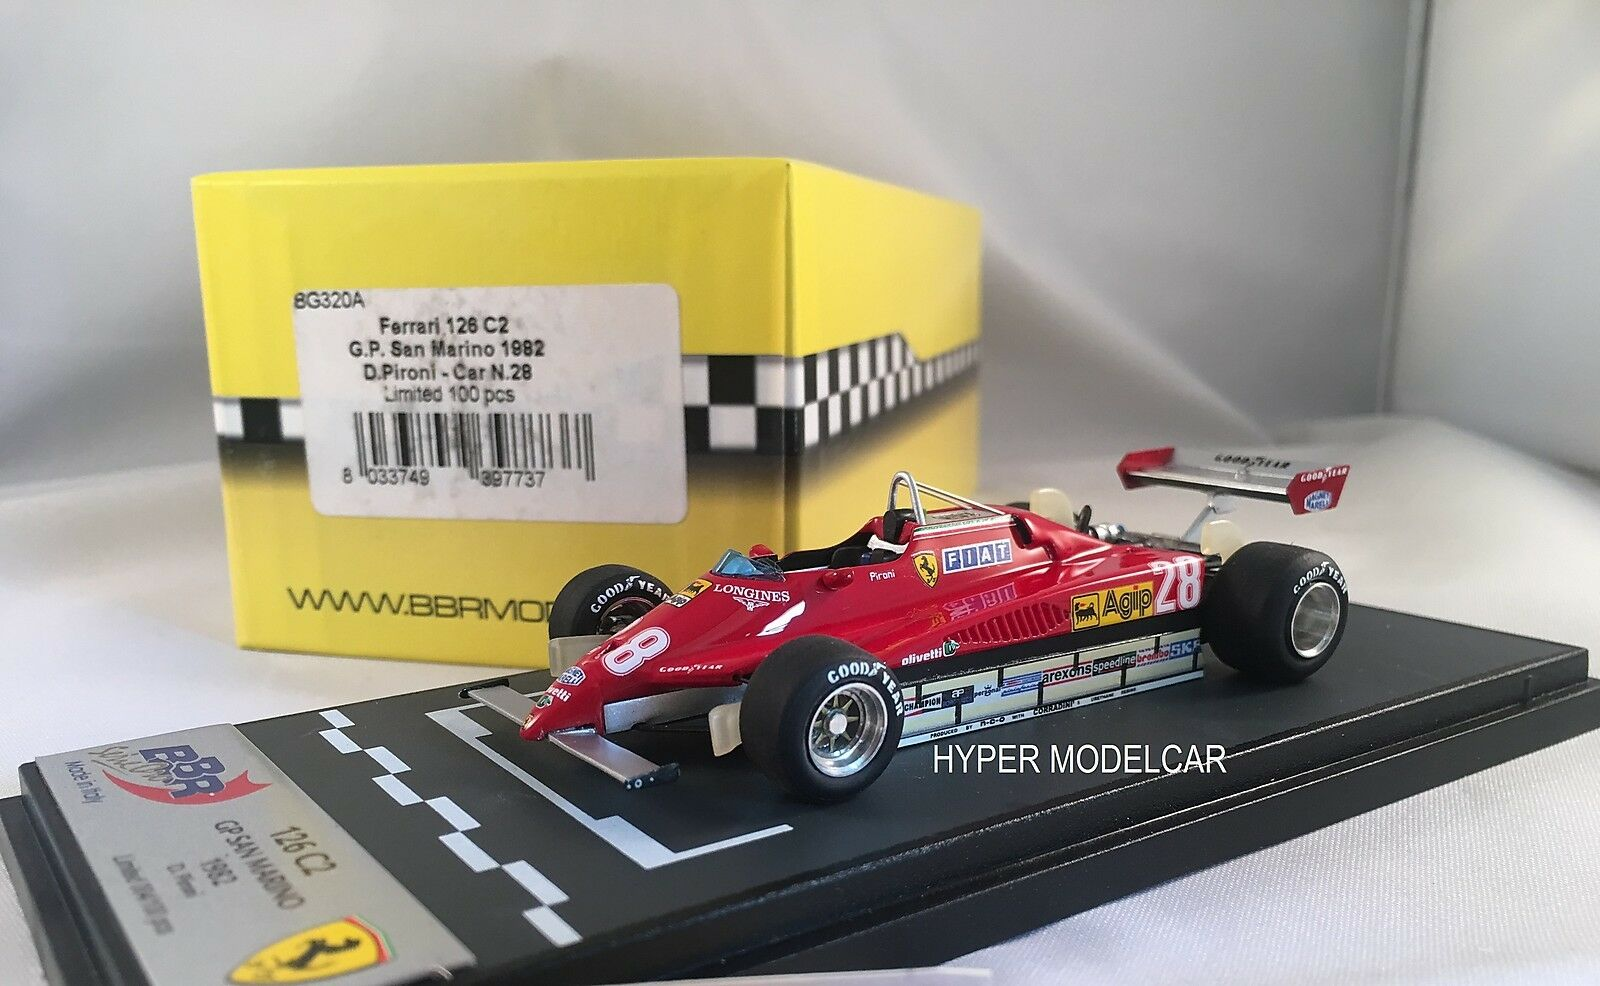 BBR MODEL 1 43 F1 Ferrari 126 C2  28 Gp San Marino 1982 D. Pironì Art. BG320A